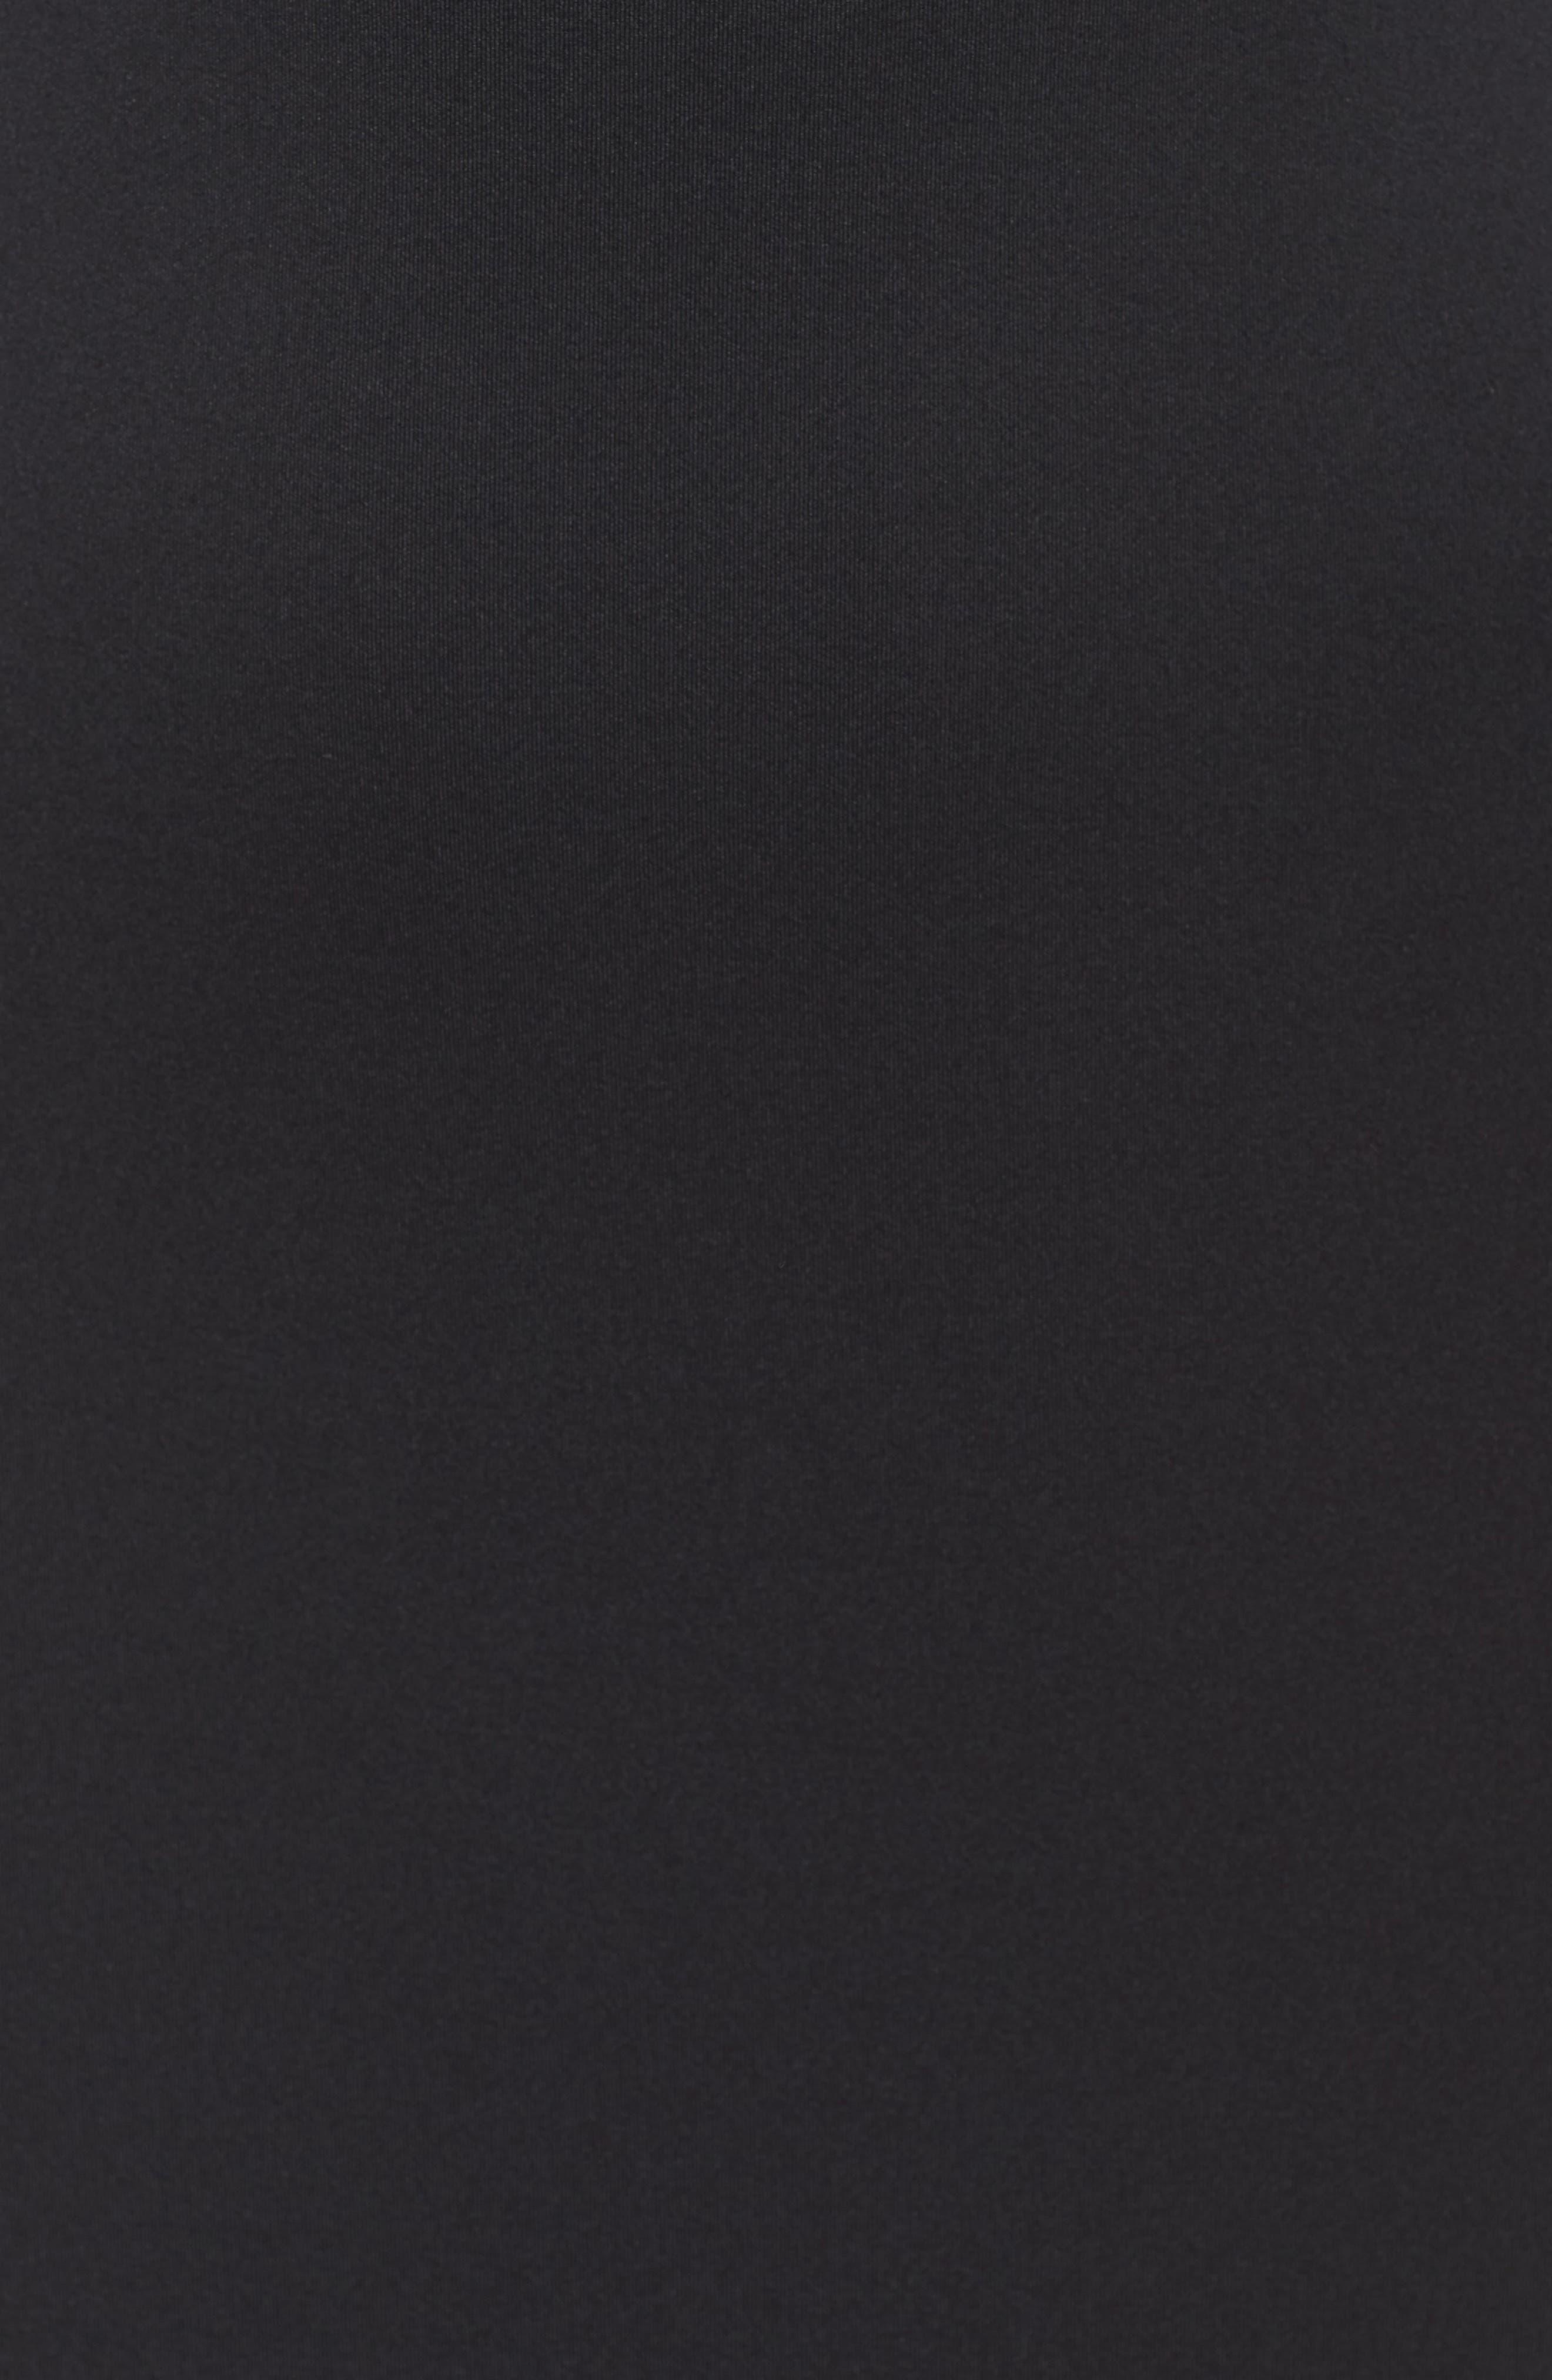 Fringe Sheath Dress,                             Alternate thumbnail 6, color,                             Black